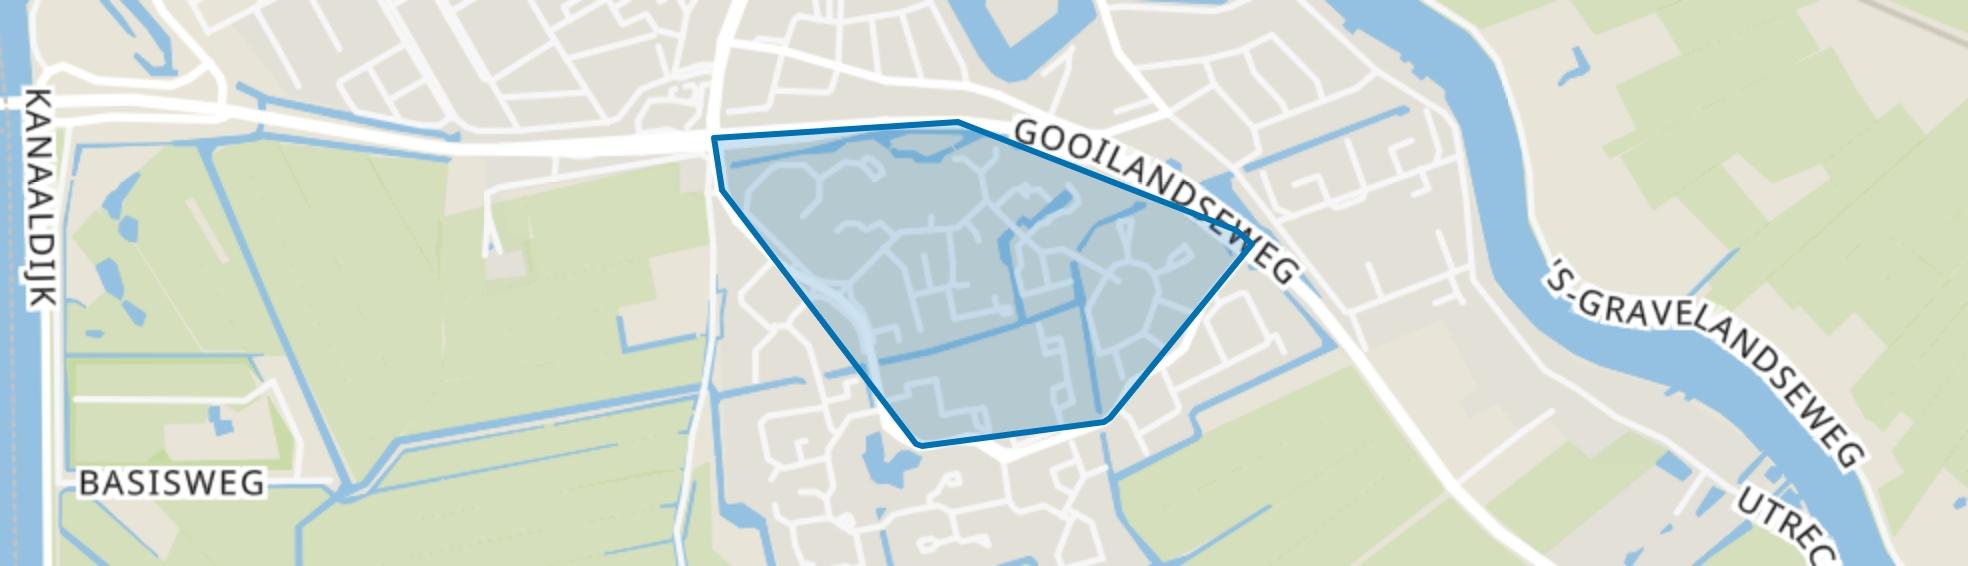 Aetsveld Noord, Weesp map